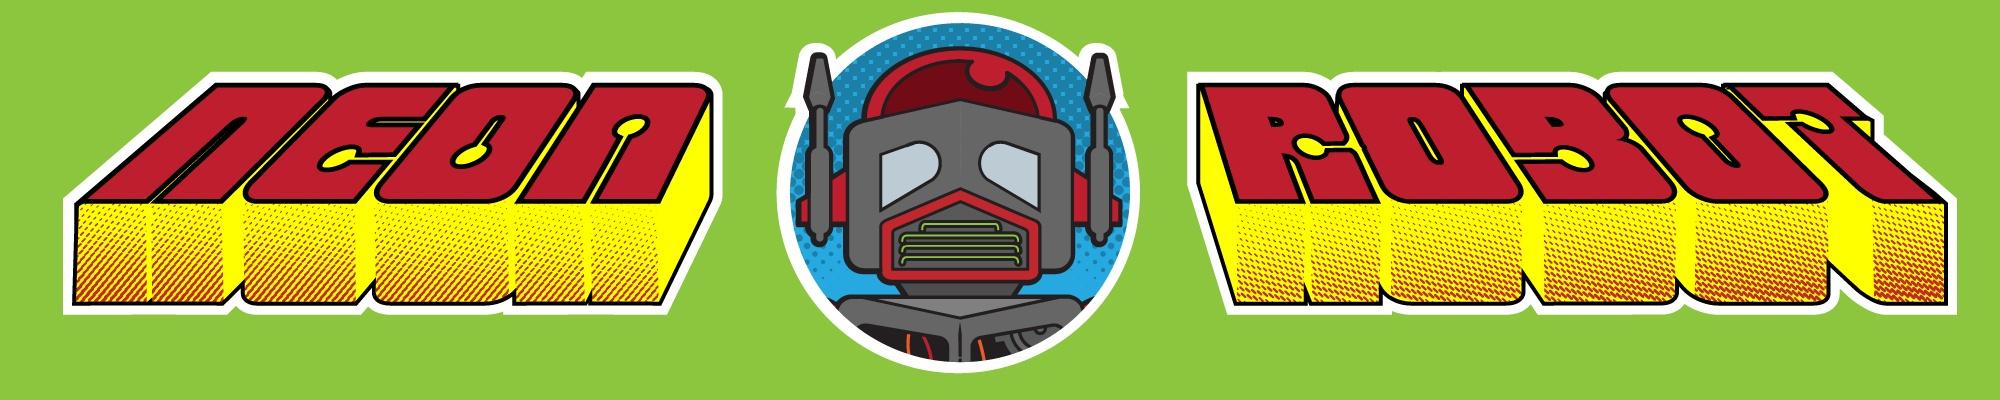 neonrobot Cover